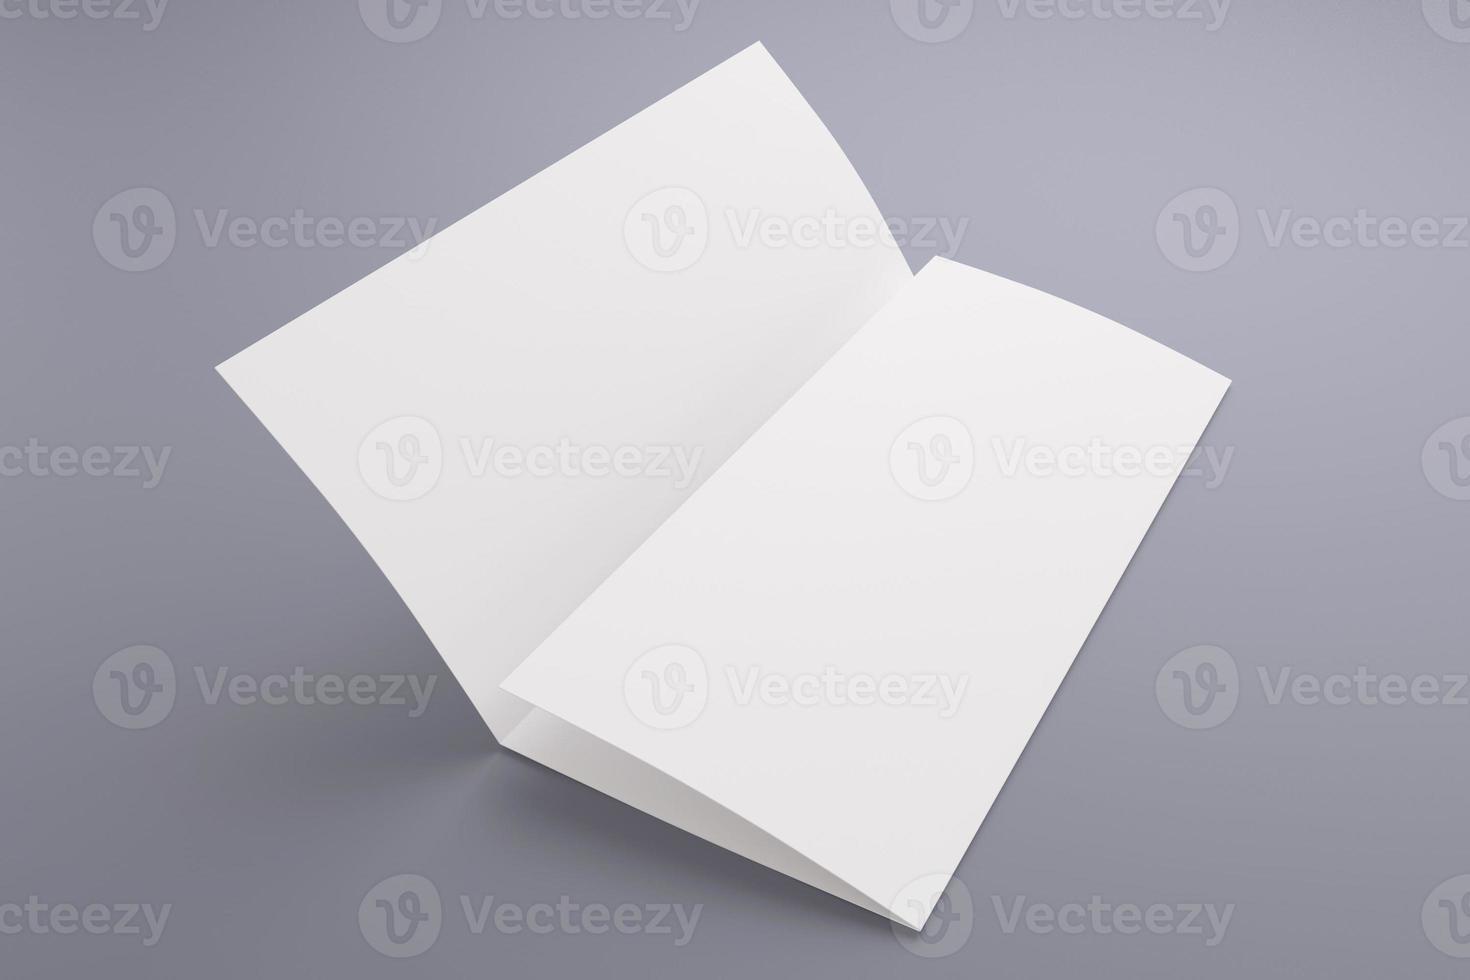 brochura em branco dobrável em três partes isolada em cinza foto